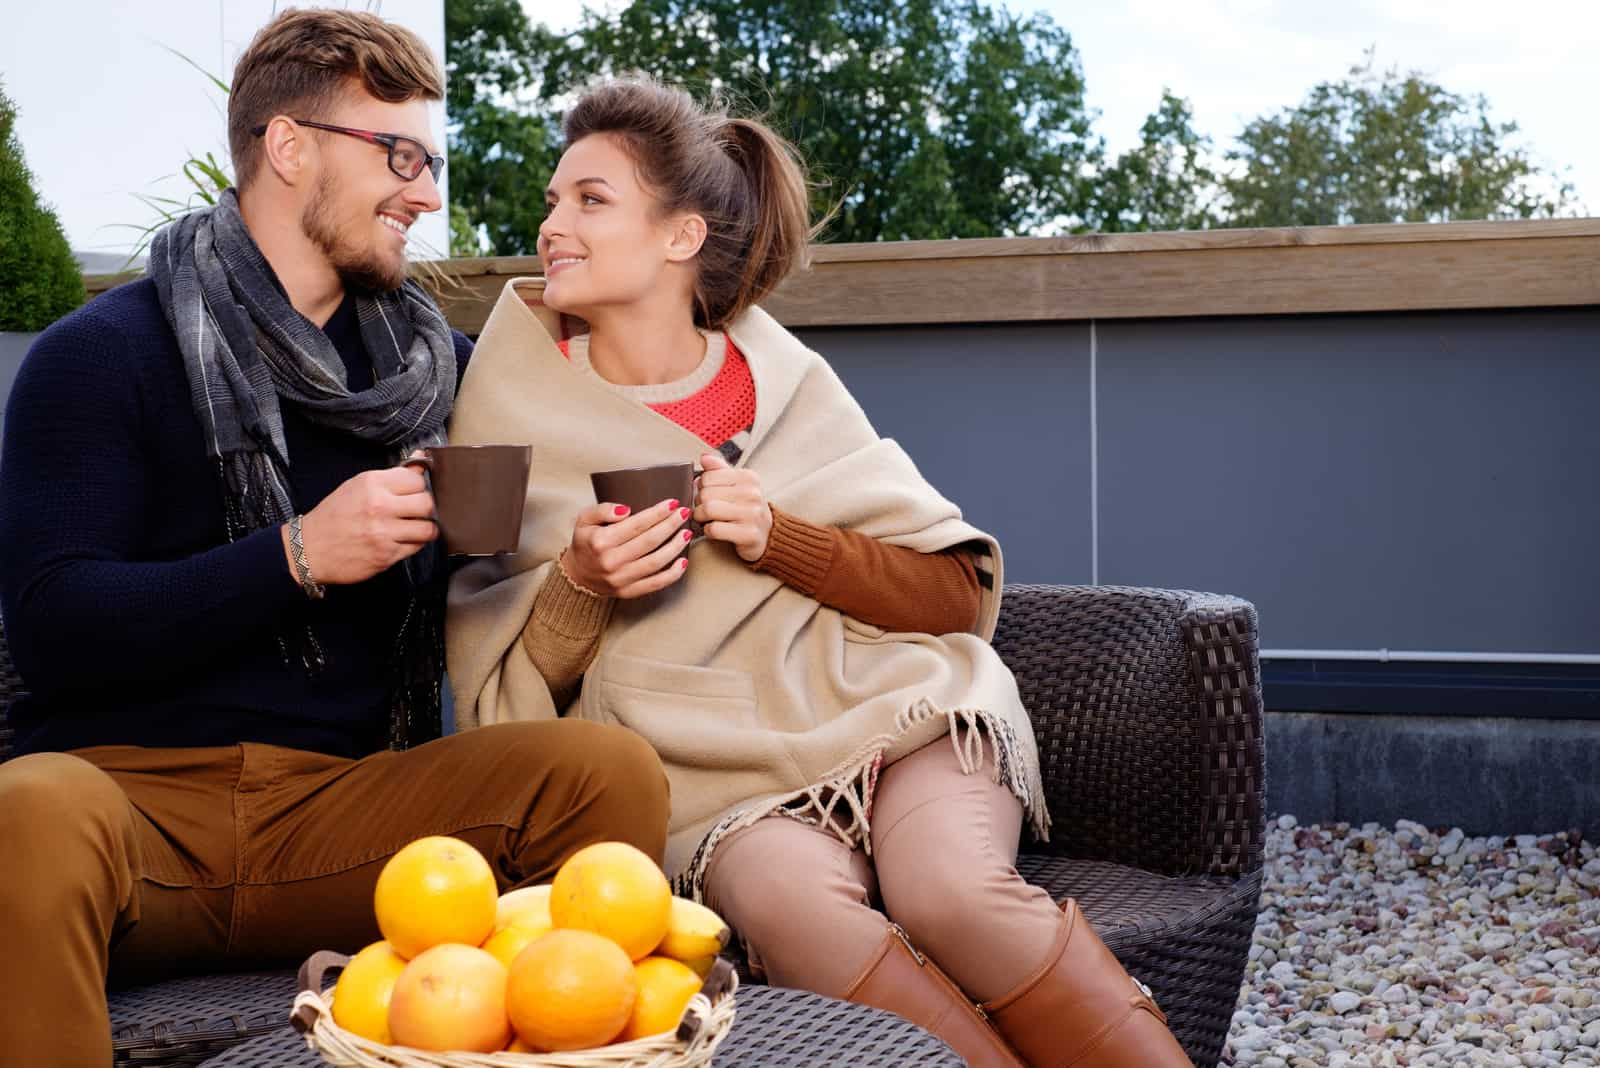 un homme et une femme sont assis dans le jardin et parlent